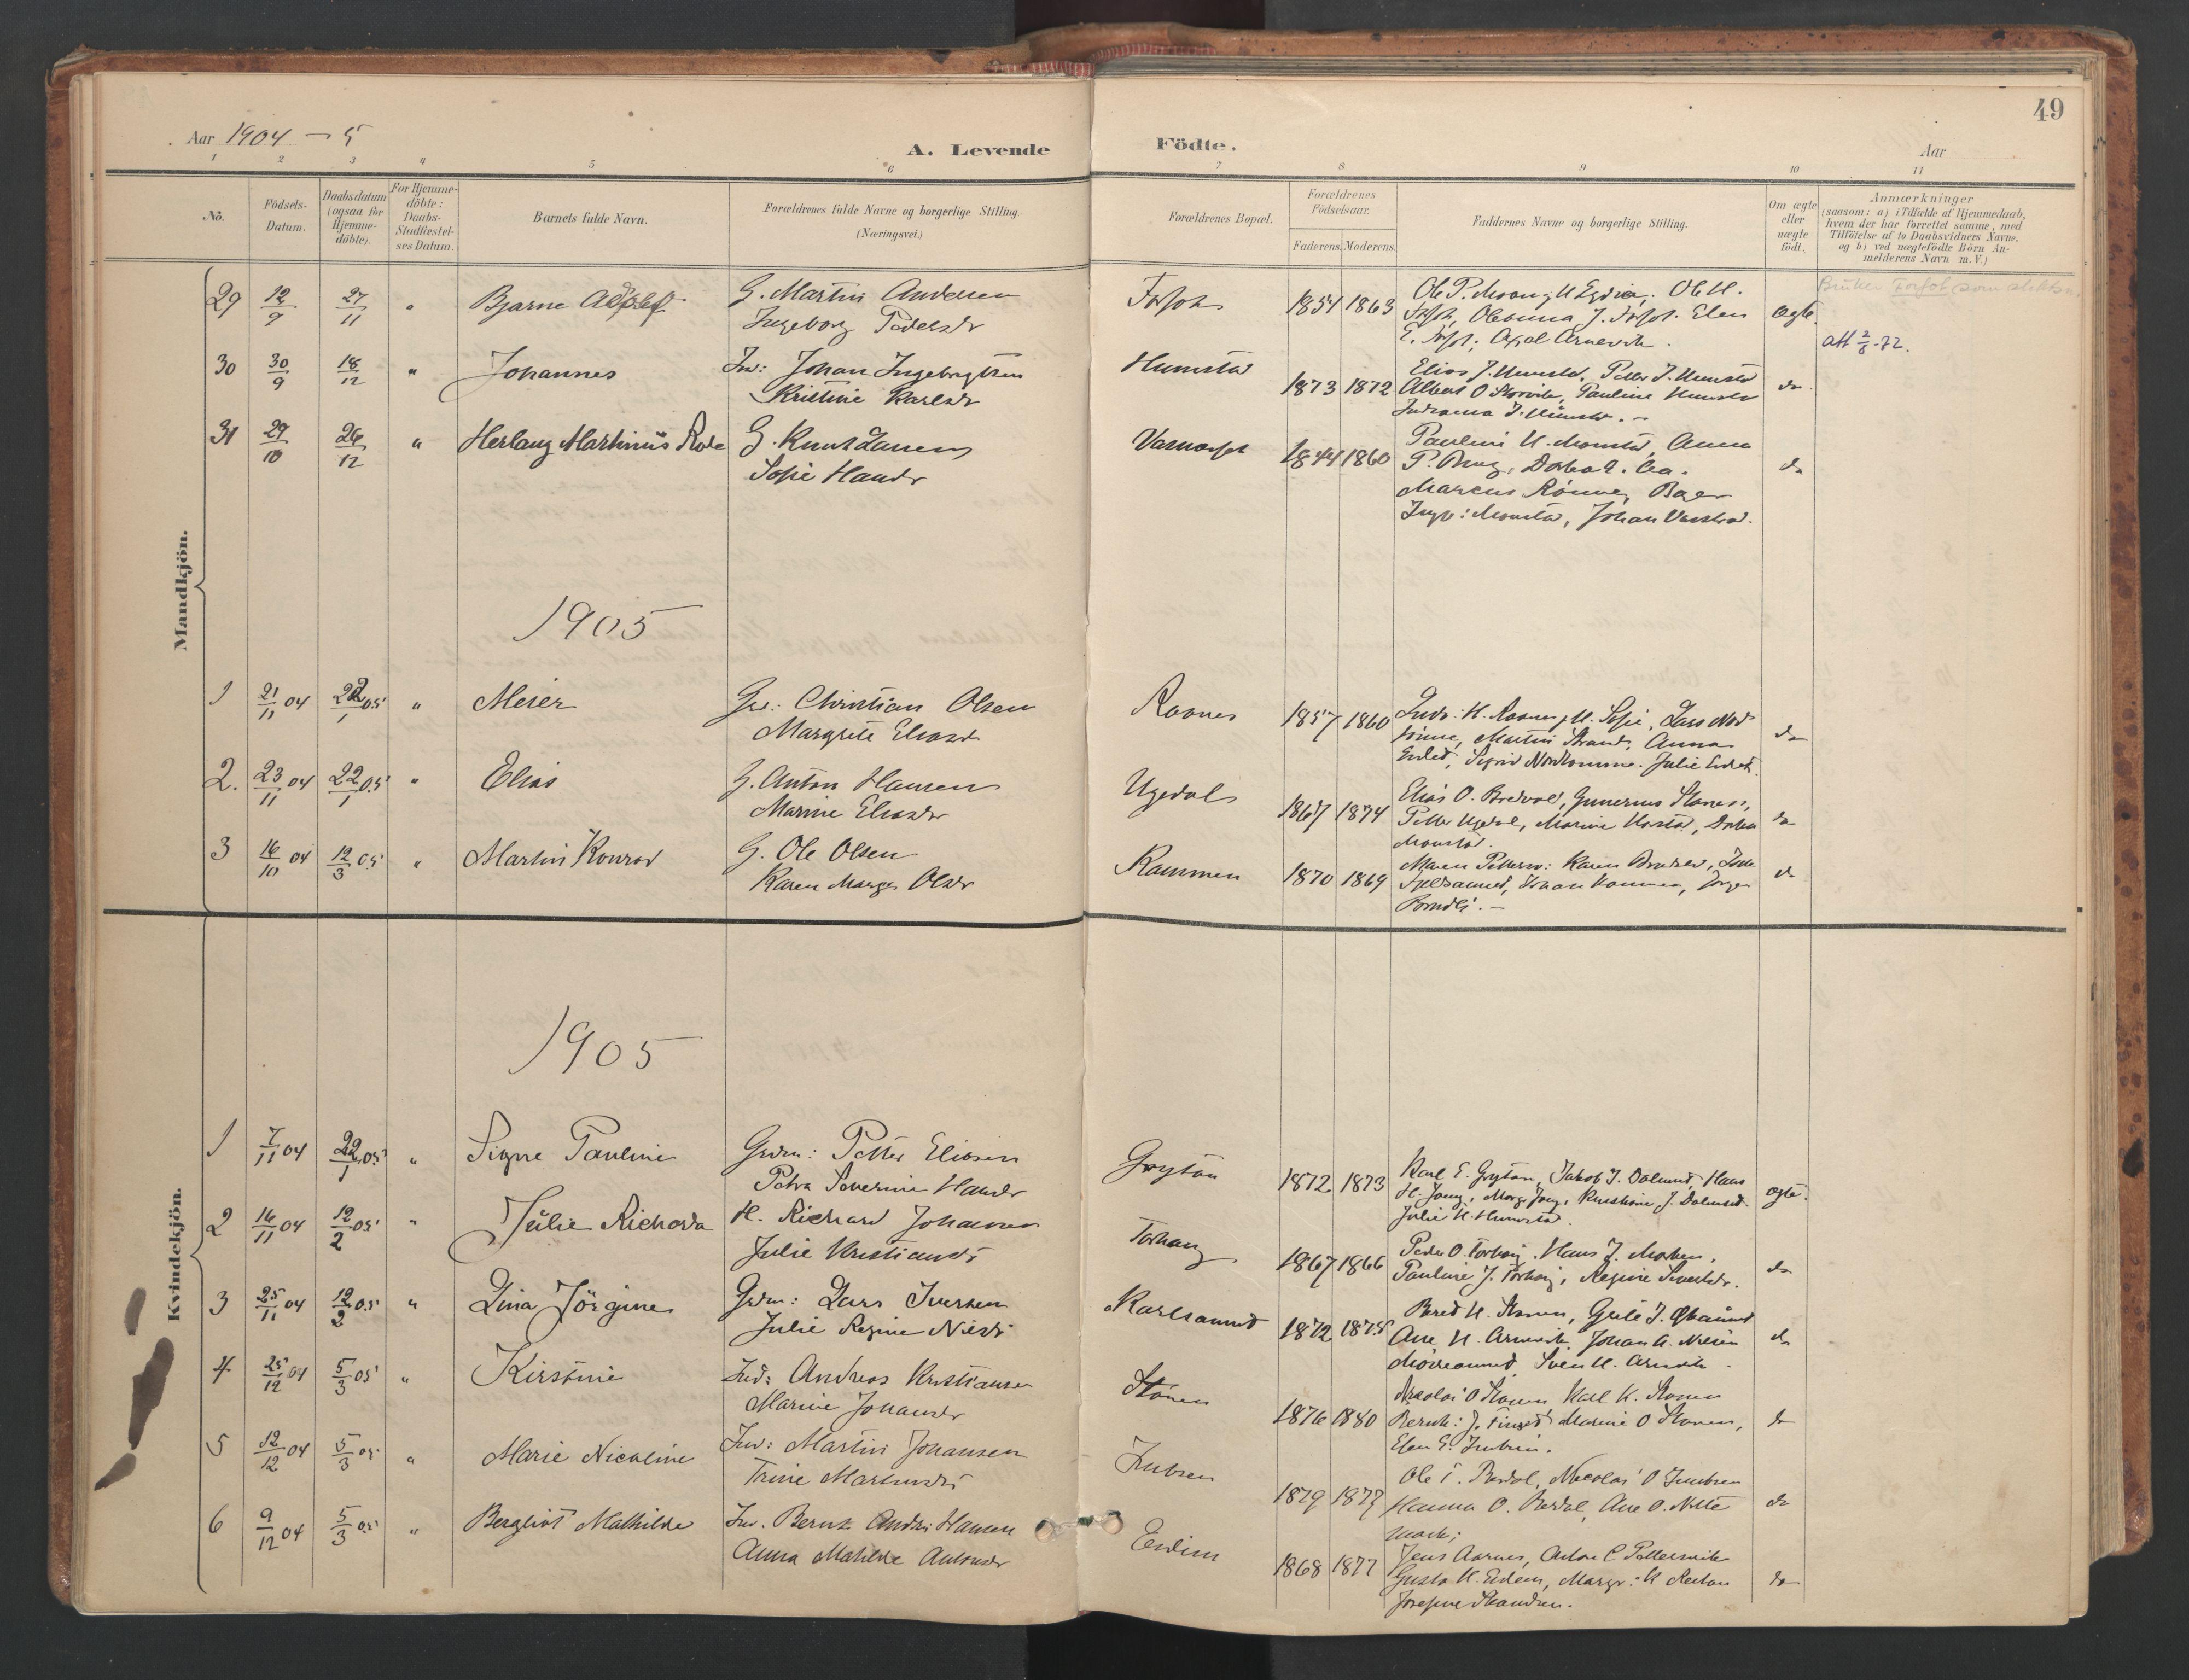 SAT, Ministerialprotokoller, klokkerbøker og fødselsregistre - Sør-Trøndelag, 655/L0681: Ministerialbok nr. 655A10, 1895-1907, s. 49